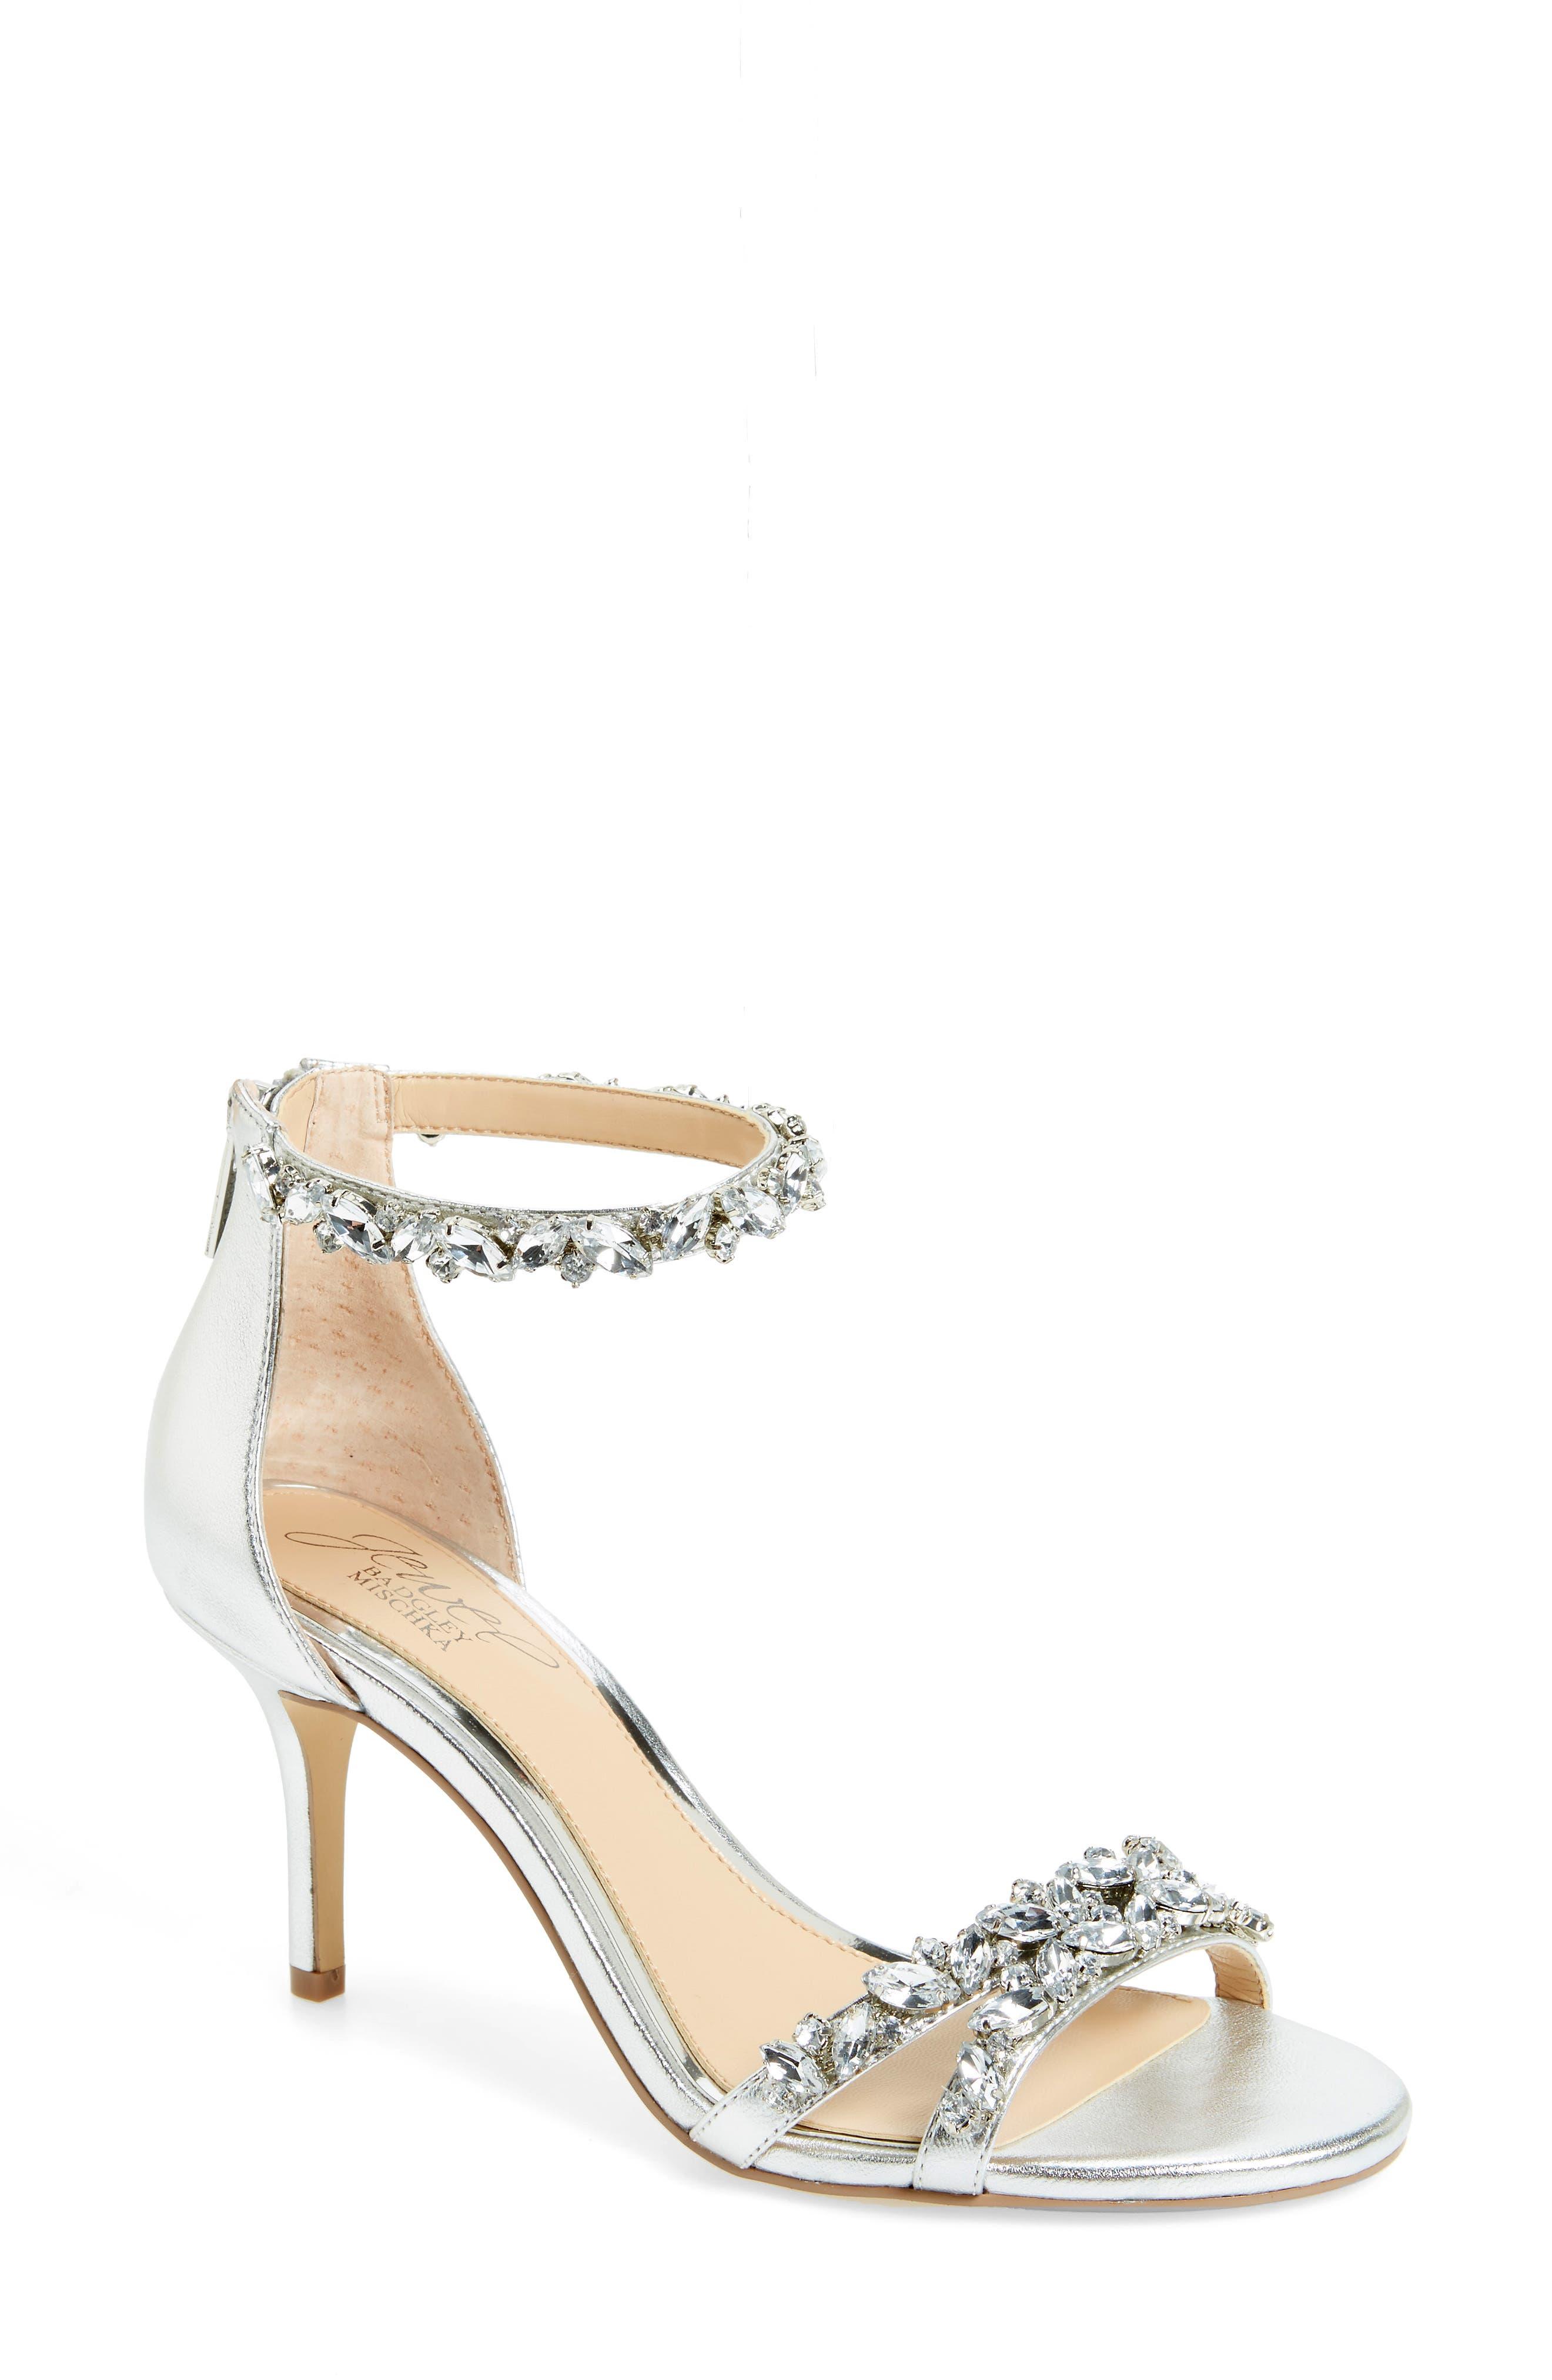 JEWEL BADGLEY MISCHKA Caroline Embellished Sandal, Main, color, SILVER LEATHER